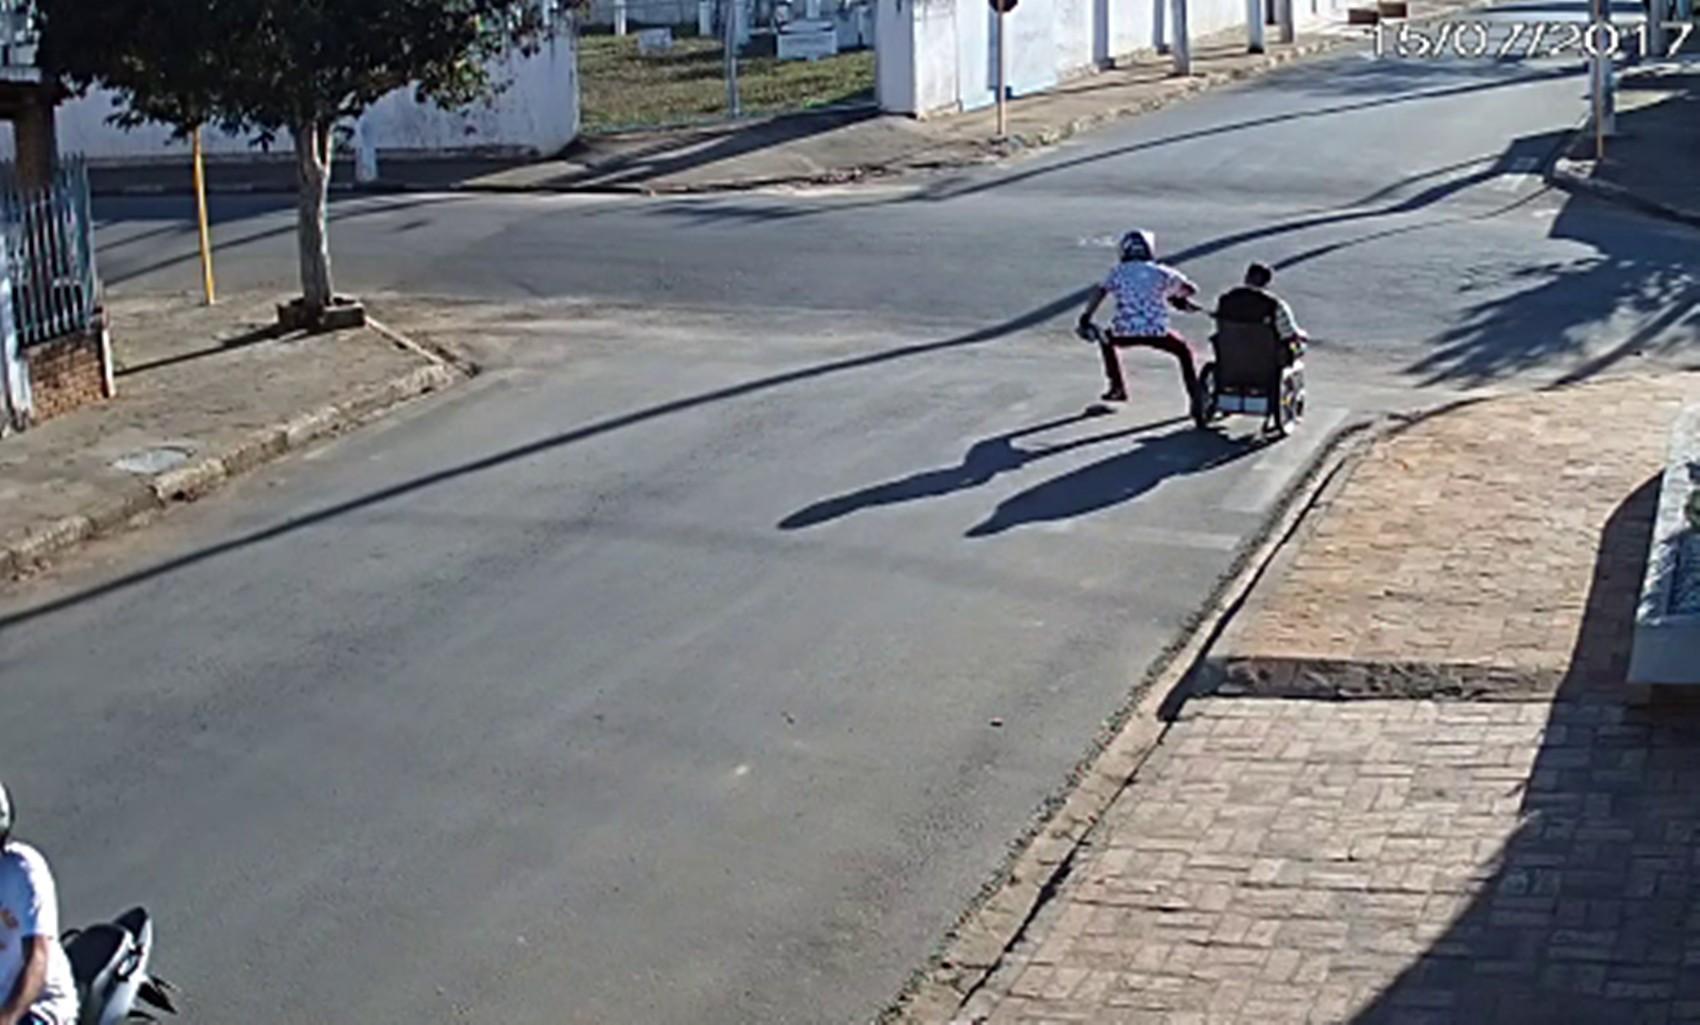 Cadeirante roubado no meio da rua se diz preocupado com onda de assaltos em pequena cidade no interior de SP: 'Peguei trauma'